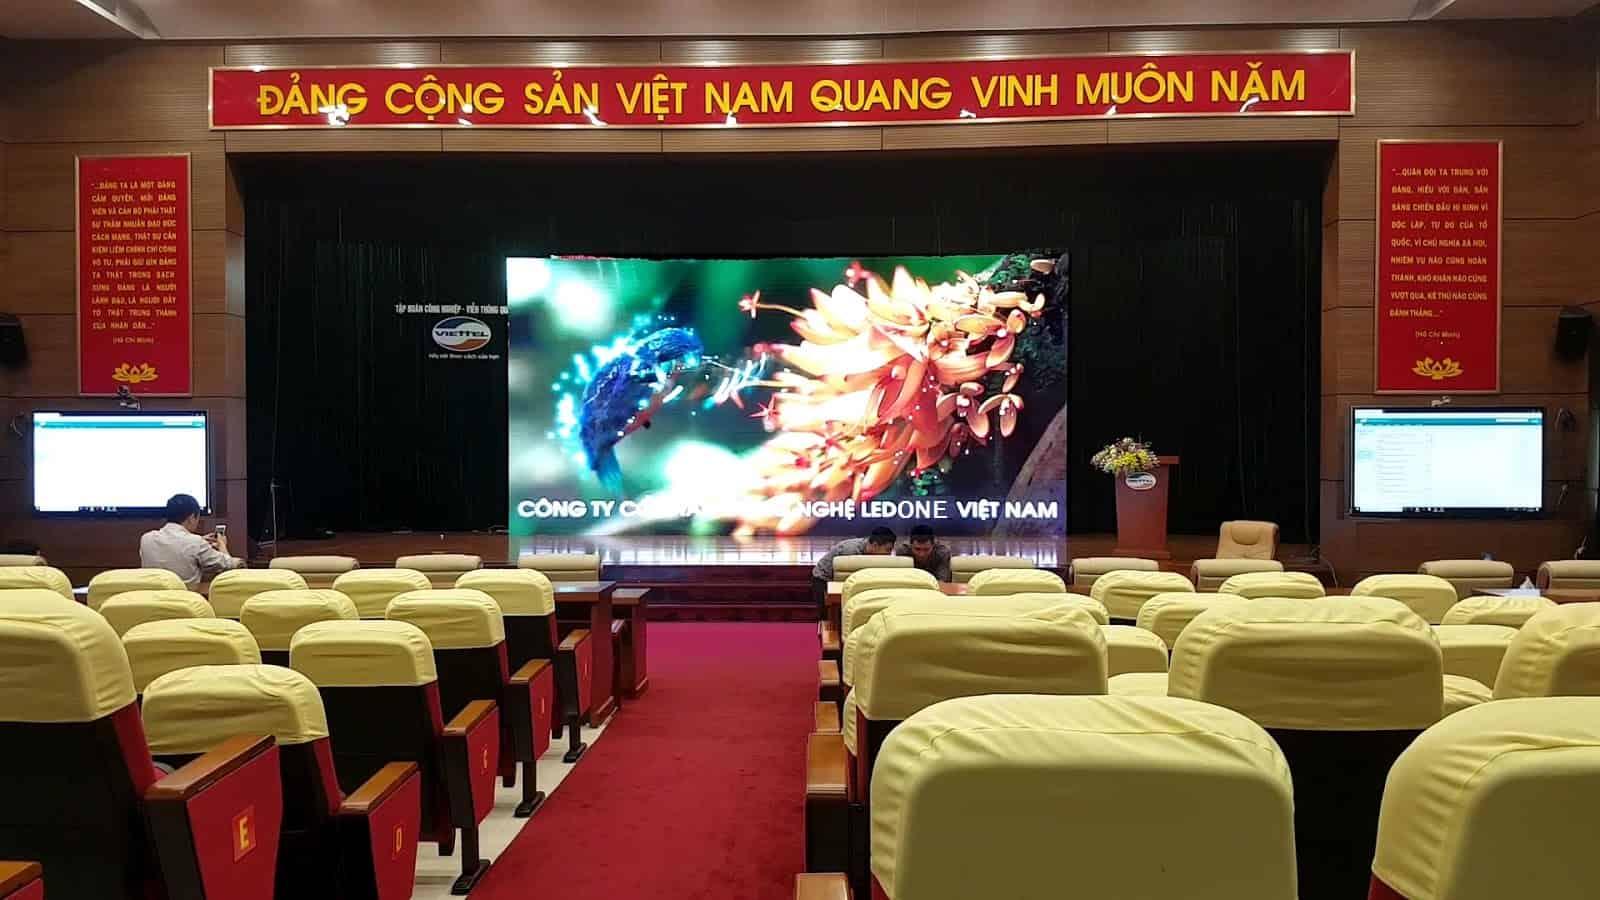 Màn hình LED P3 trong nhà thi công tại Viettel - Hòa Lạc